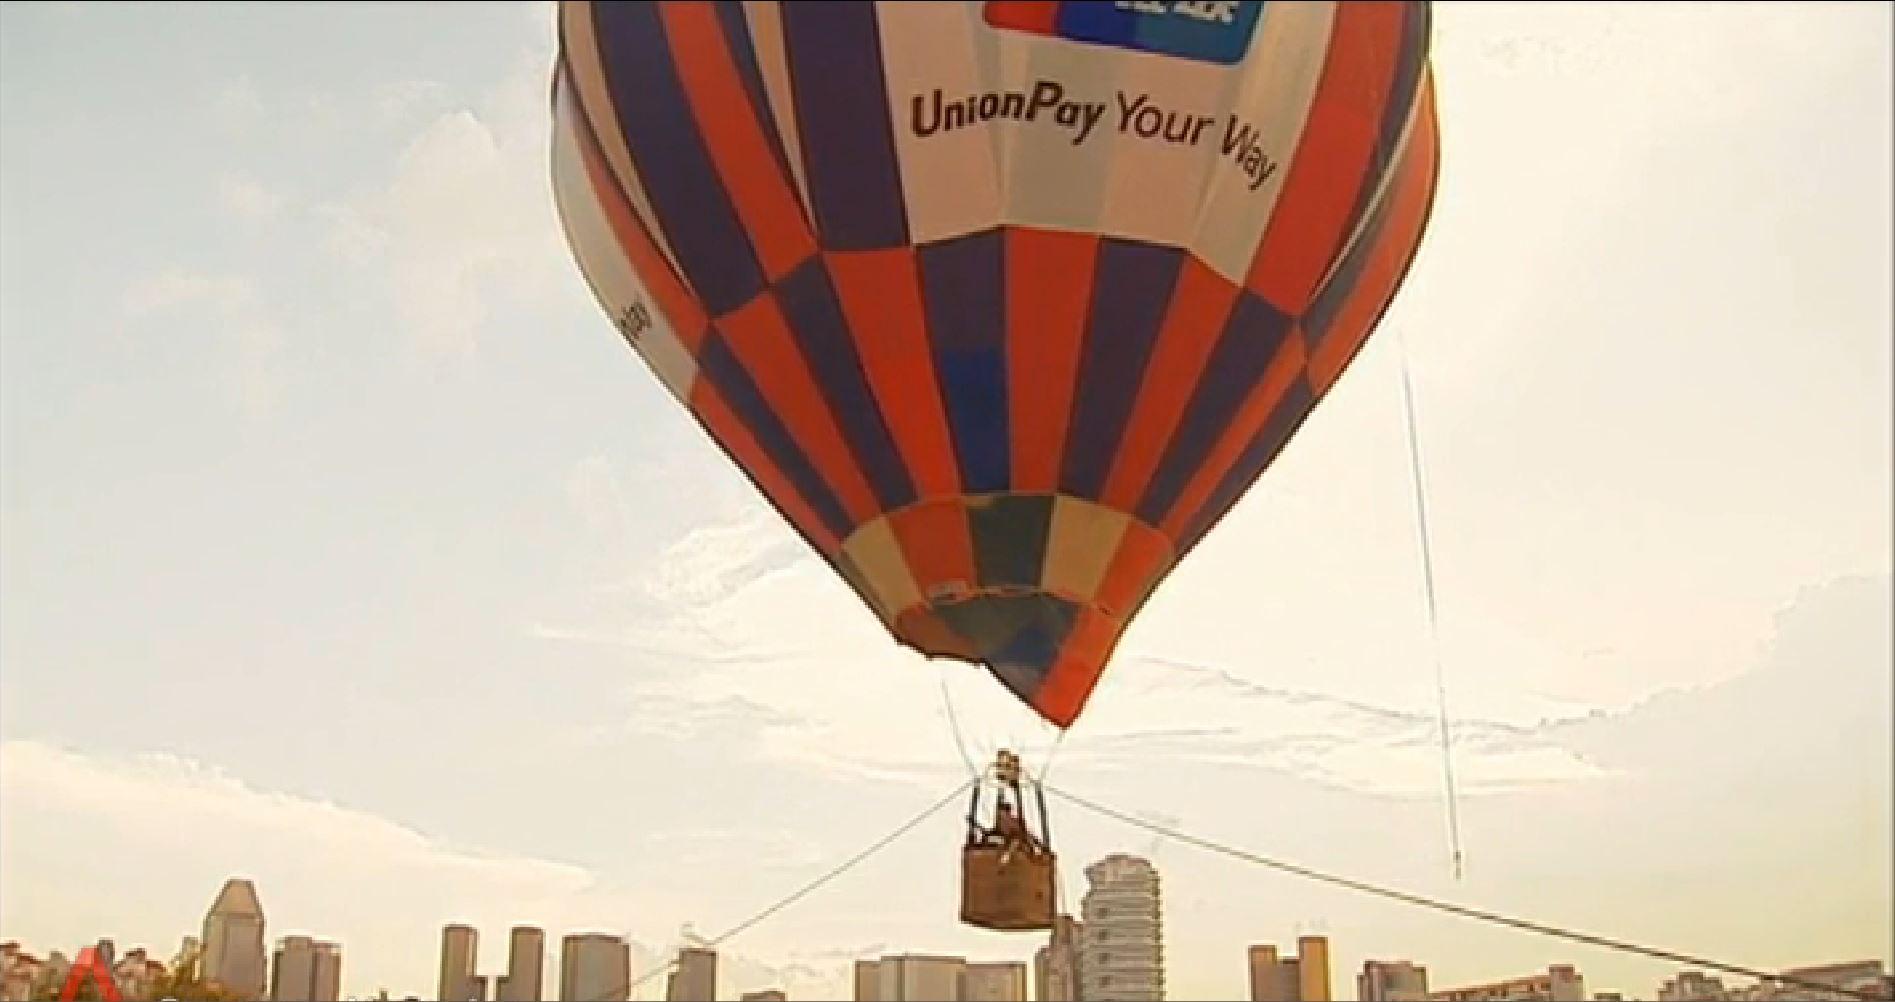 Sea games 2015 free hot air balloon rides at carnival 2 for Air balloon games